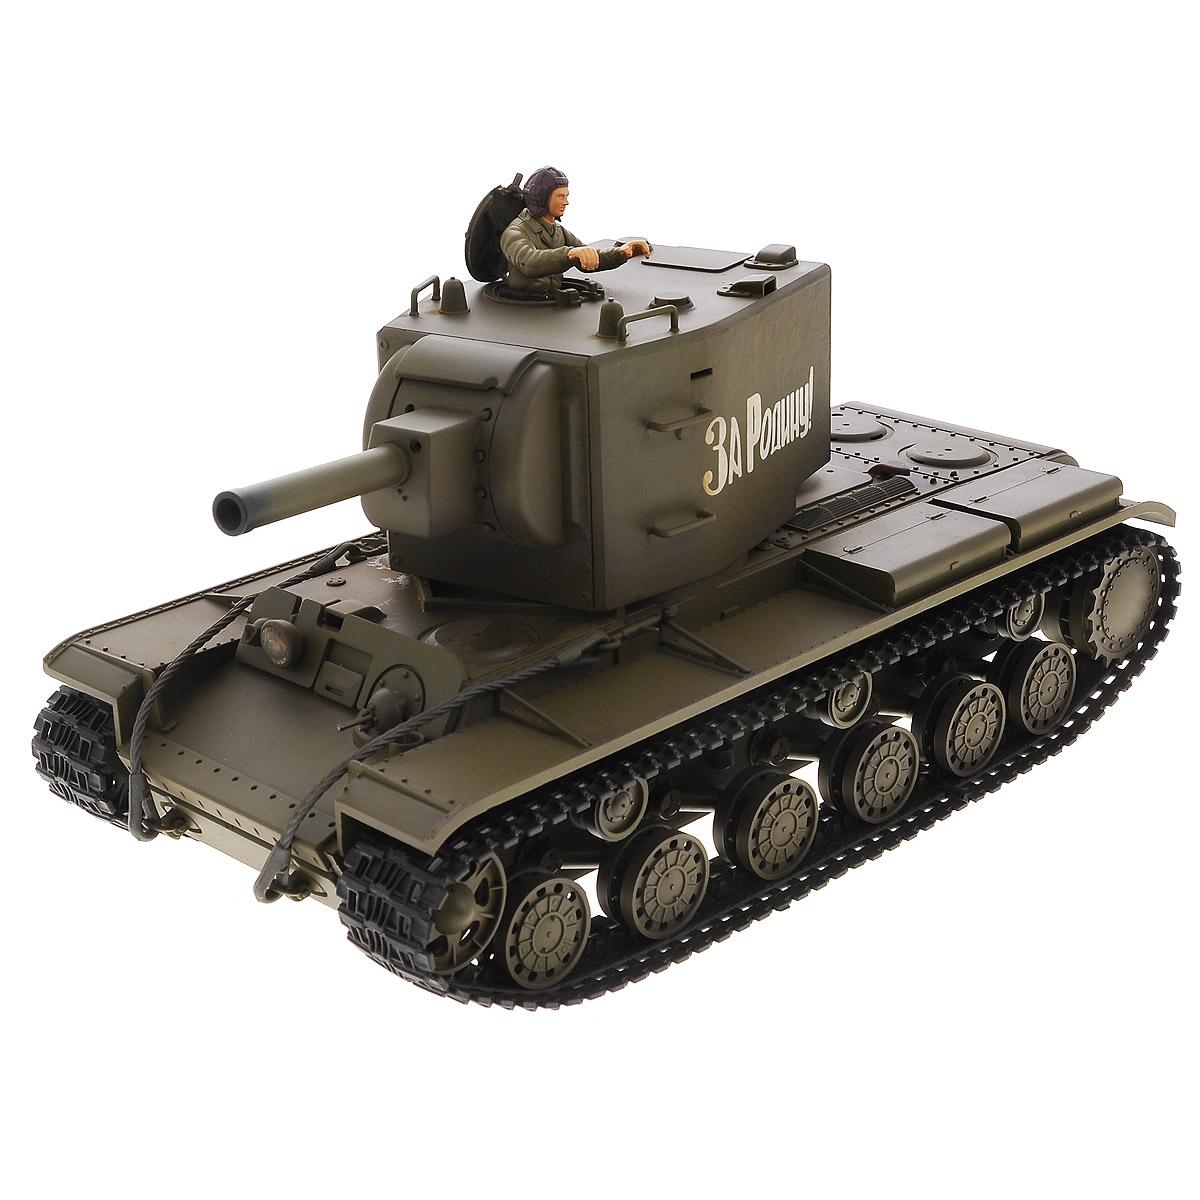 VSP Танк на радиоуправлении Soviet Red Army KV-2628439Радиоуправляемый танк VSP Soviet Red Army KV-2 - это реалистичная коллекционная модель в масштабе 1/24. Она представляет собой уменьшенную копию советского тяжелого штурмового танка времен Второй мировой войны, известного как КВ-2 (Клим Ворошилов). Эта модель танка производилась в 1939 - 1943-х годах, когда советская армия остро нуждалась в хорошо защищенном танке с мощным вооружением для борьбы с фортификациями. Пульт управления работает на частоте 2,4 ГГц и оснащен светодиодной подсветкой голубого цвета. Система Airsoft обеспечивает постоянное движение танка и стрельбу из пневматической пушки. Данная модель может стрелять мягкими (пневматическими) BB шариками, поэтому имеет возрастное ограничение от 14 лет. Благодаря работе на частоте 2,4 ГГц танк будет легко сопрягаться с пультом управления. Новые электронные схемы, примененные в этом пульте, позволяют принимать участие в игровых сражениях одновременно 16 танкам. Радиус управления заметно...